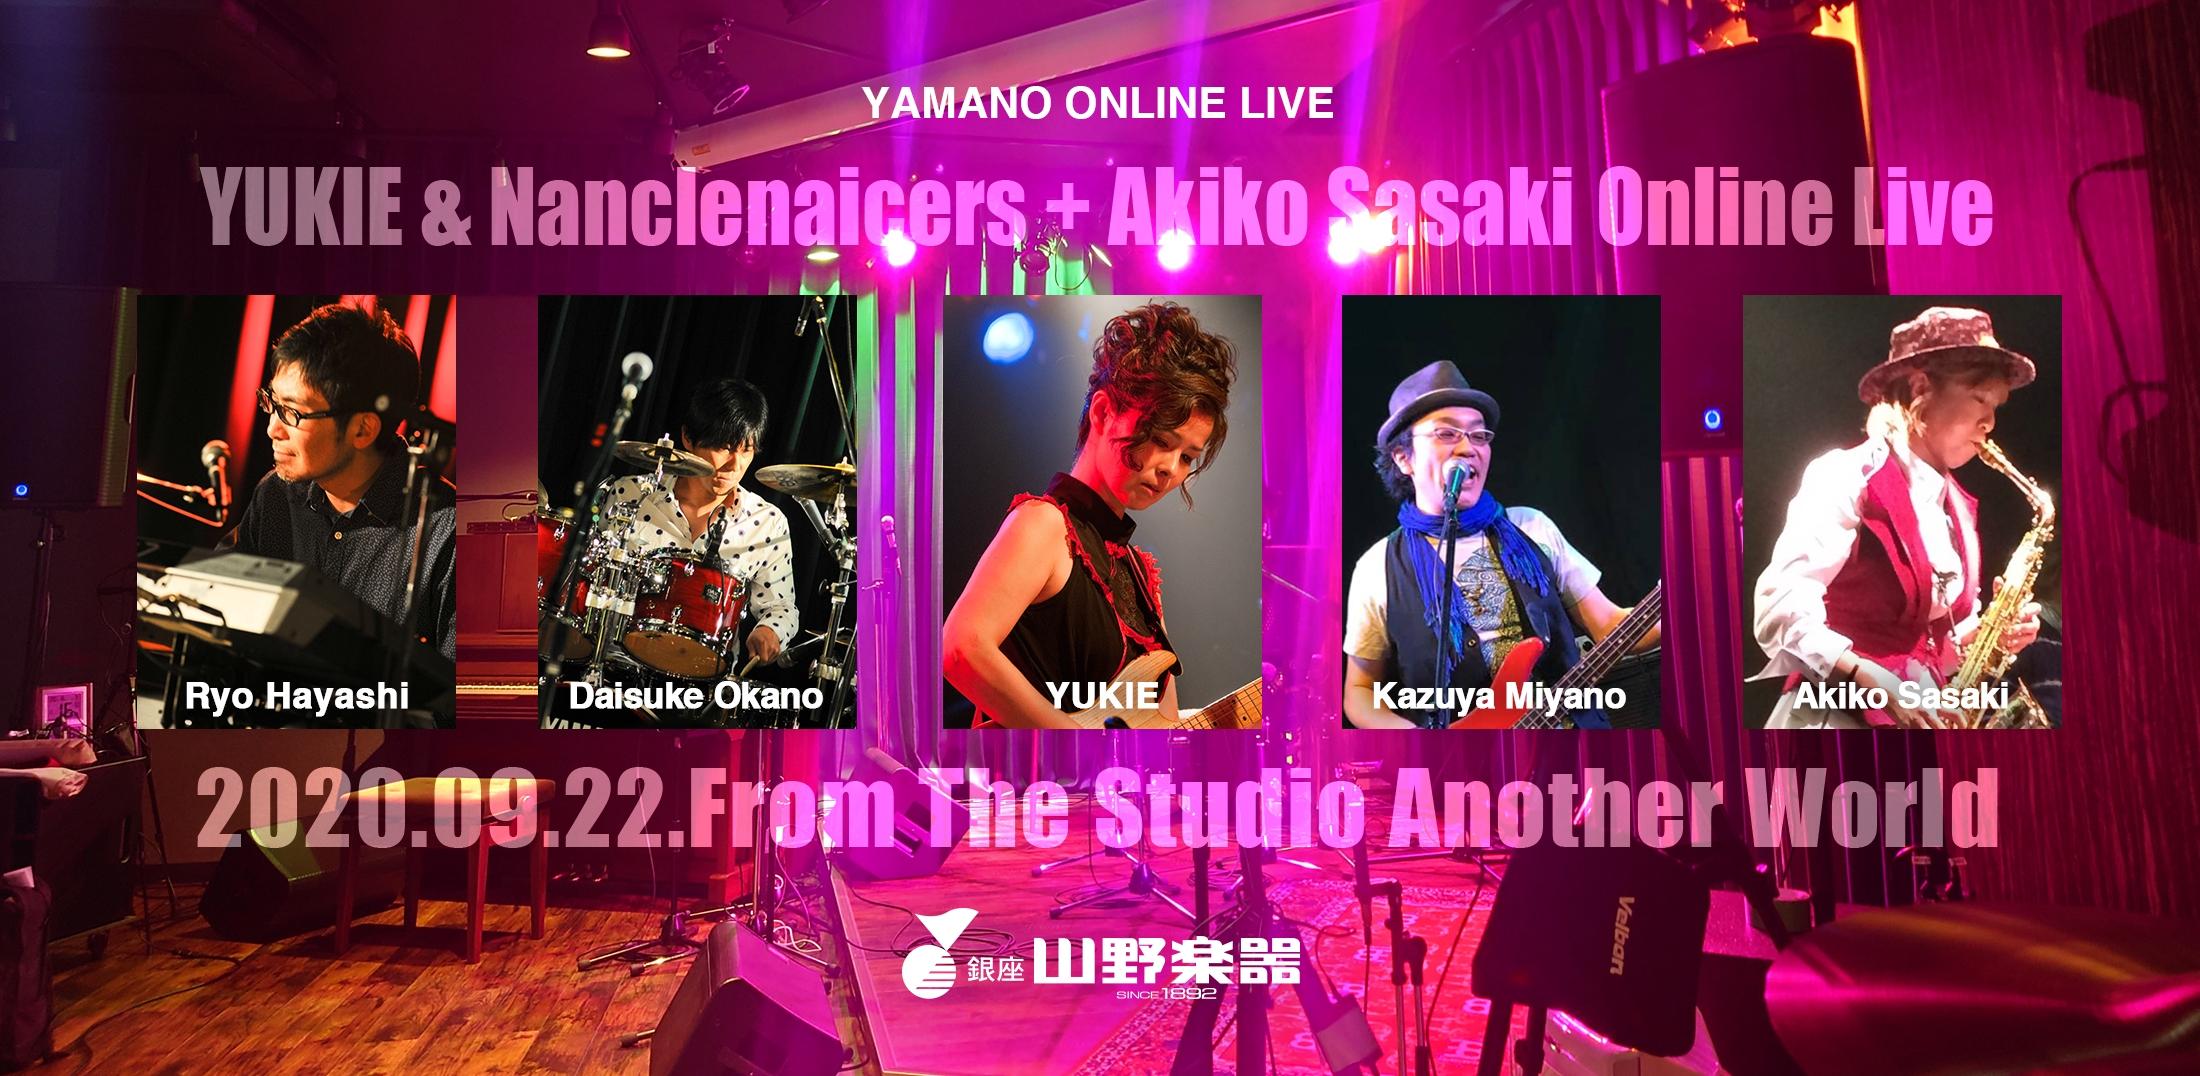 ヤマノオンラインライブ YUKIE & Nanclenaicers + 佐々木亜紀子【Vimeoライブ配信】9/22(火・祝)19:00~20:00